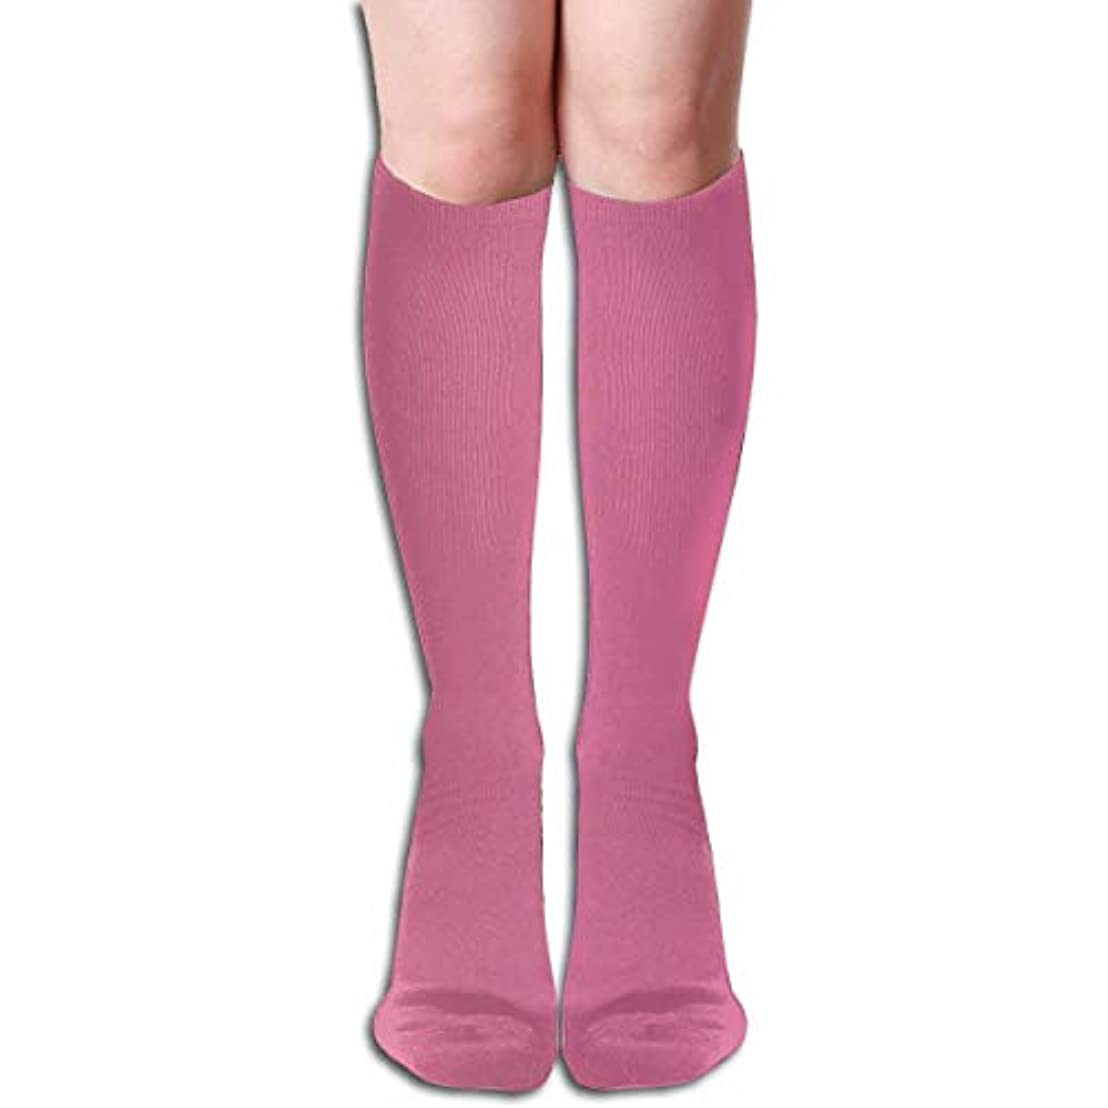 代わってバインドリハーサルレディーススリーパー美ミニーチューブストッキングレディース冬暖かい膝ハイソックスブーツ靴下